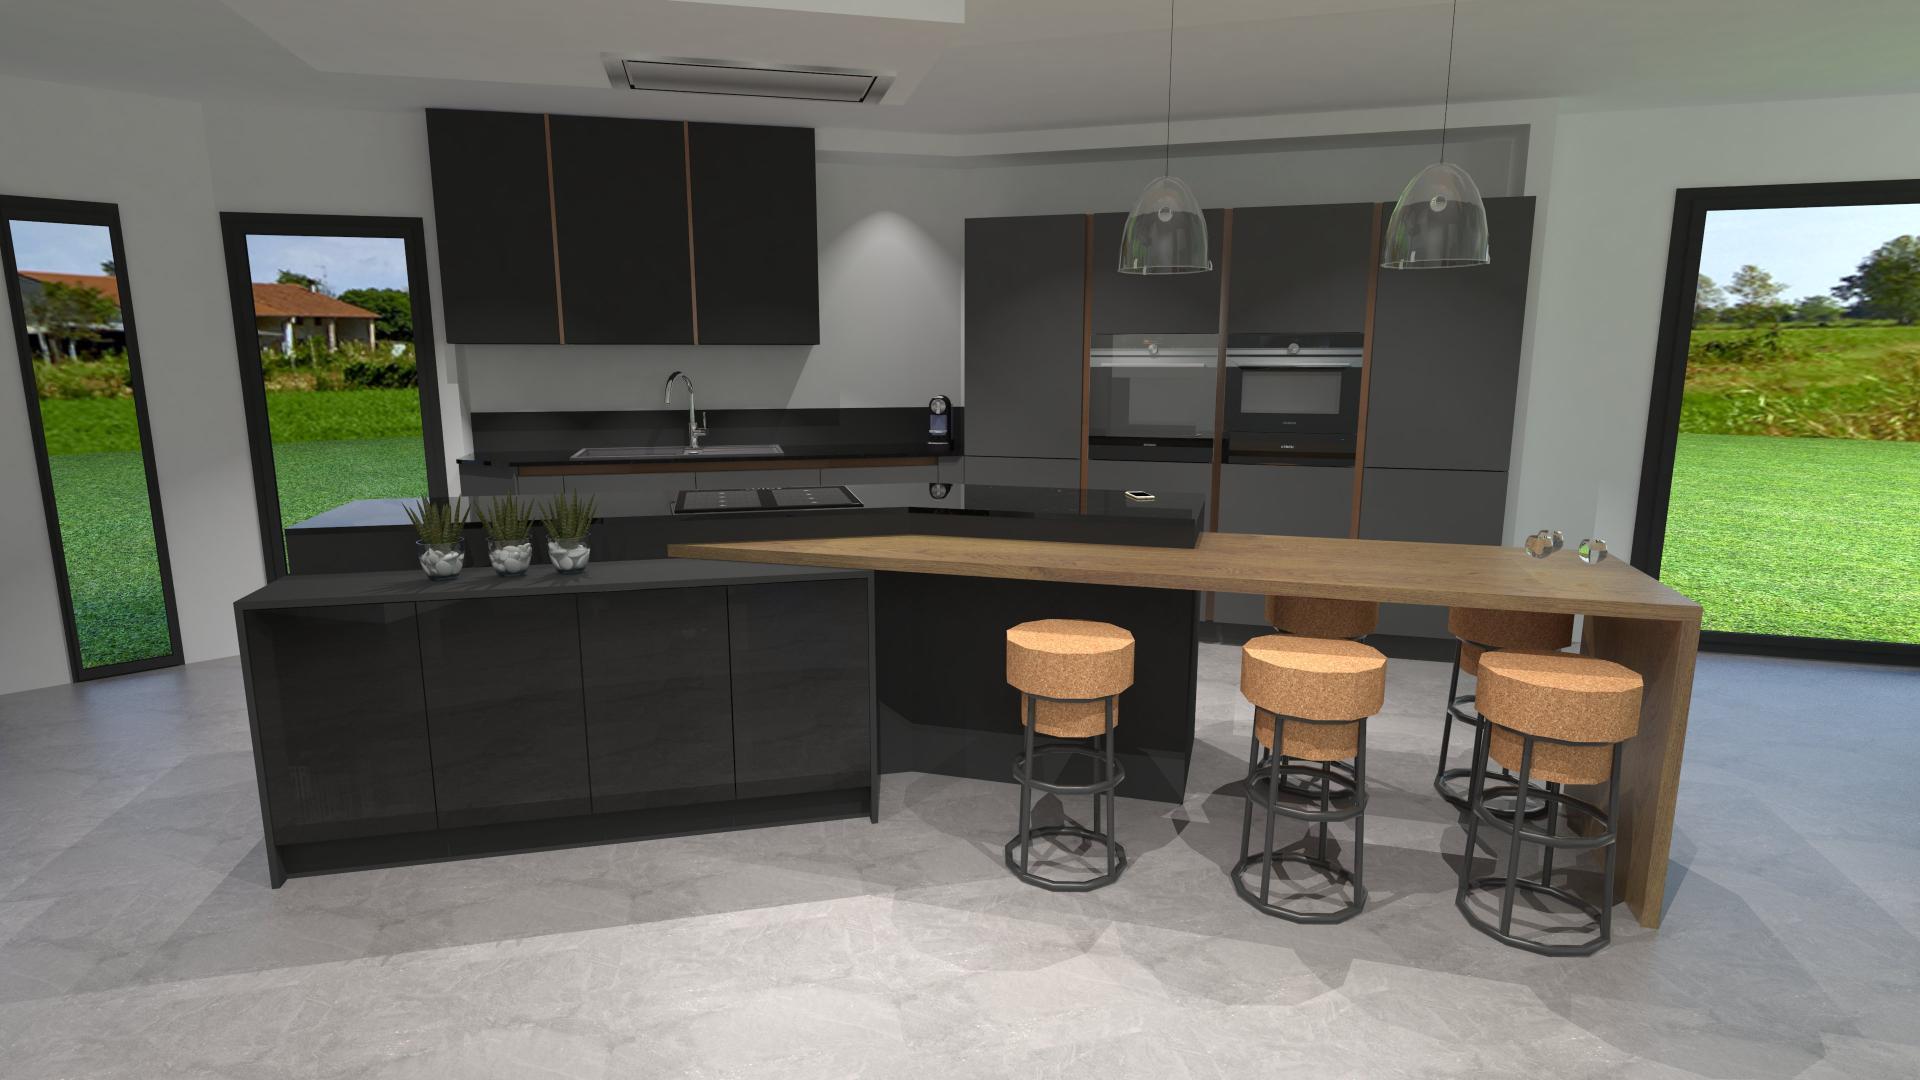 Cuisine gris anthracite bois et cuivre avec lot design for Cuisine grise design